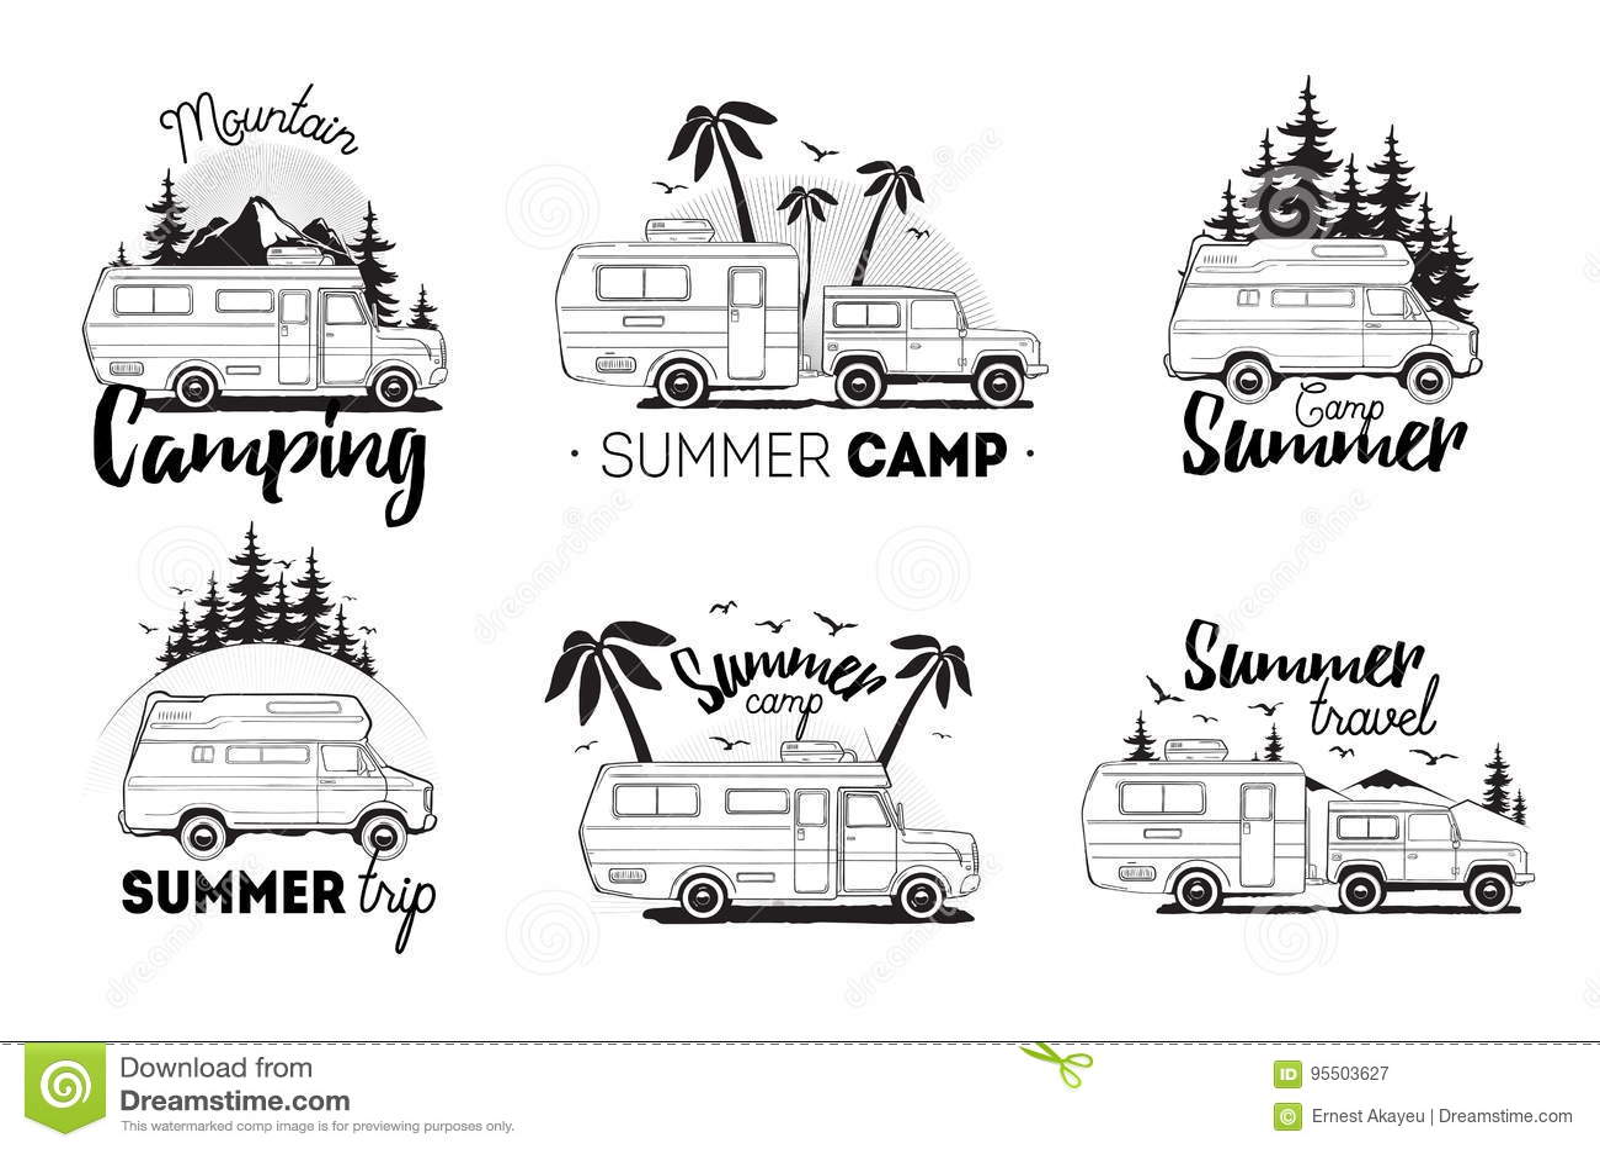 Set Of Camping Trailer Logo Camper Vans Against Landscape